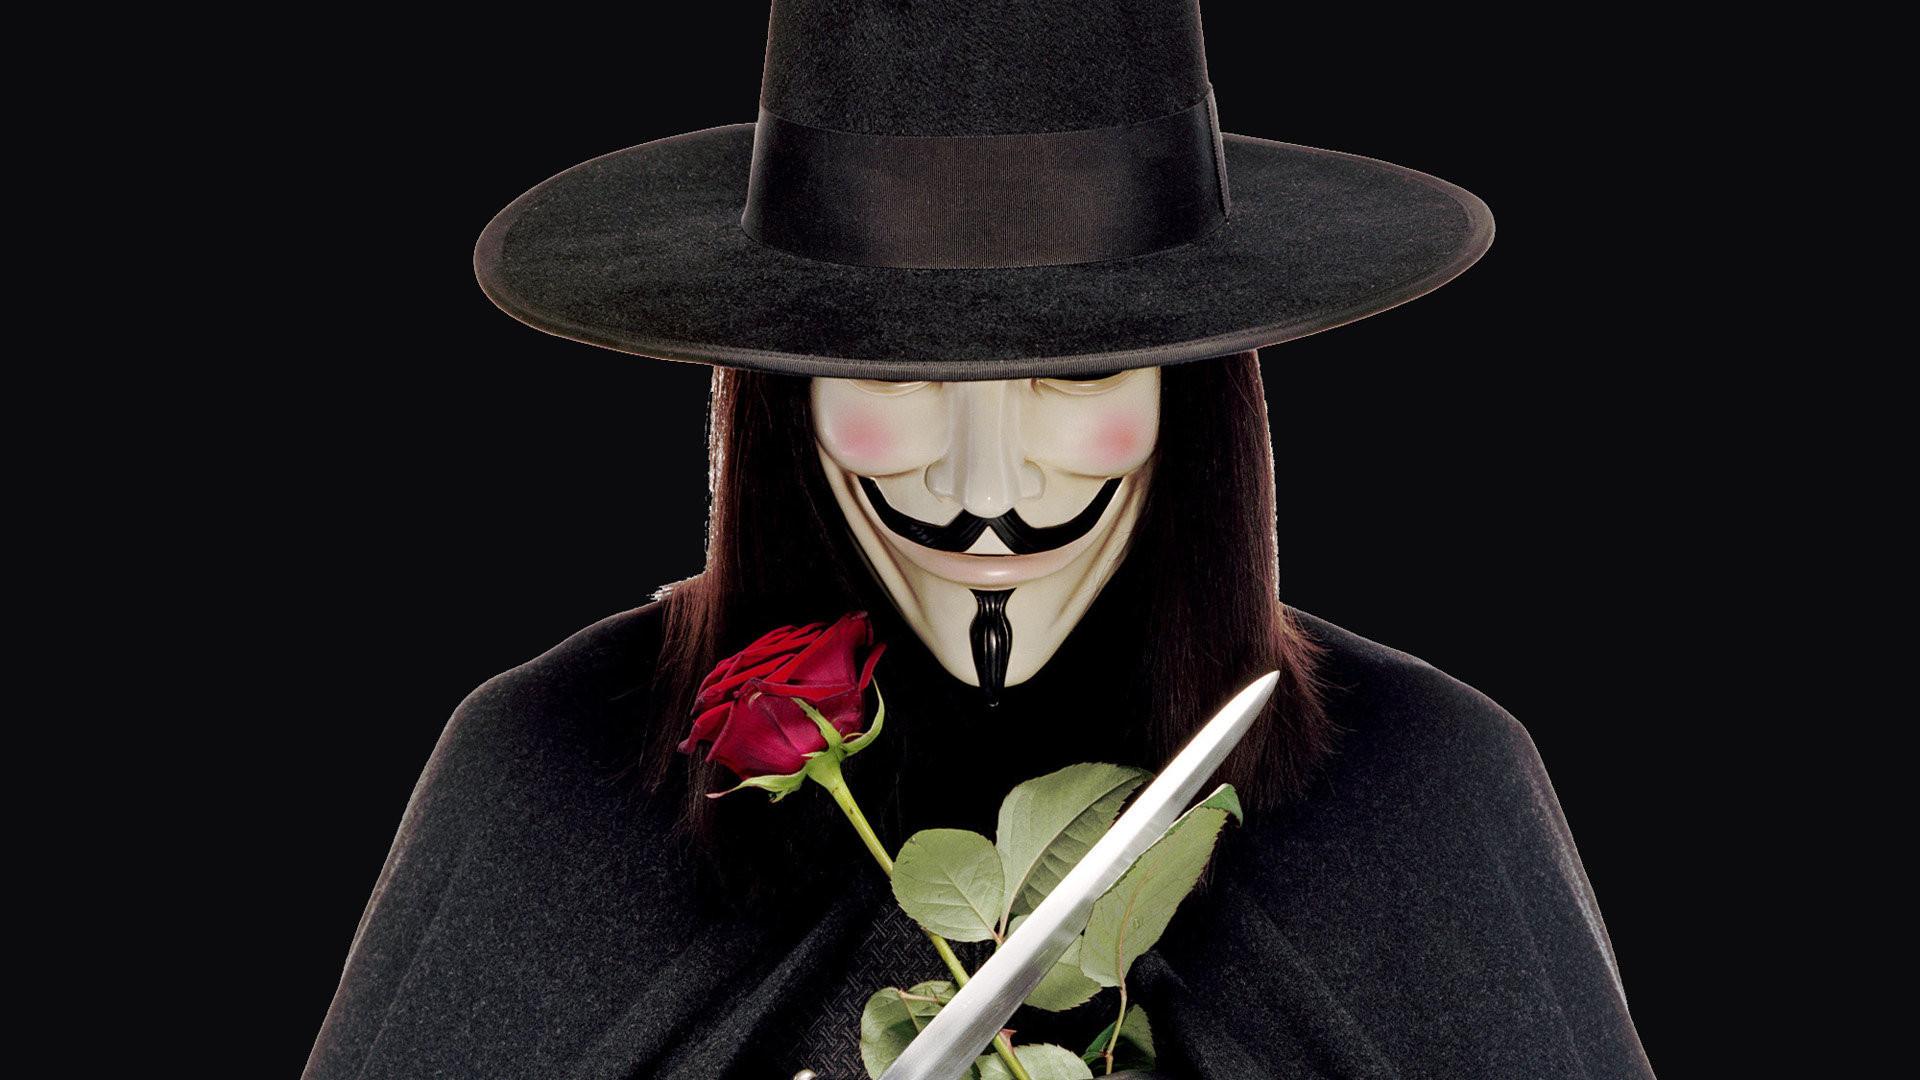 V for Vendetta Wallpap...V For Vendetta Movie Wallpaper